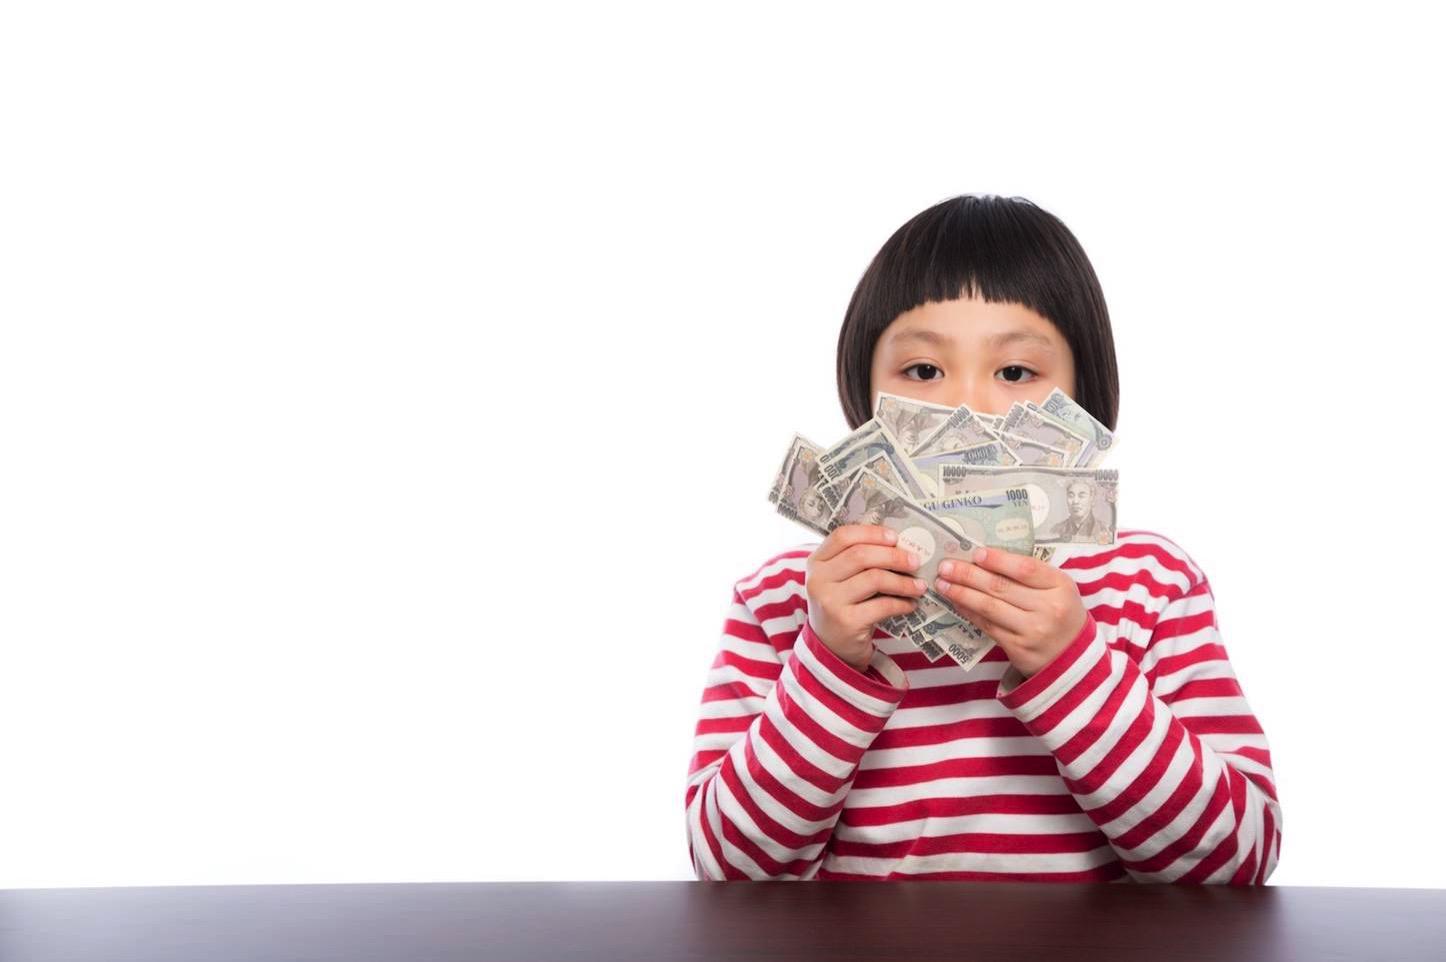 Lots of money in kids hands